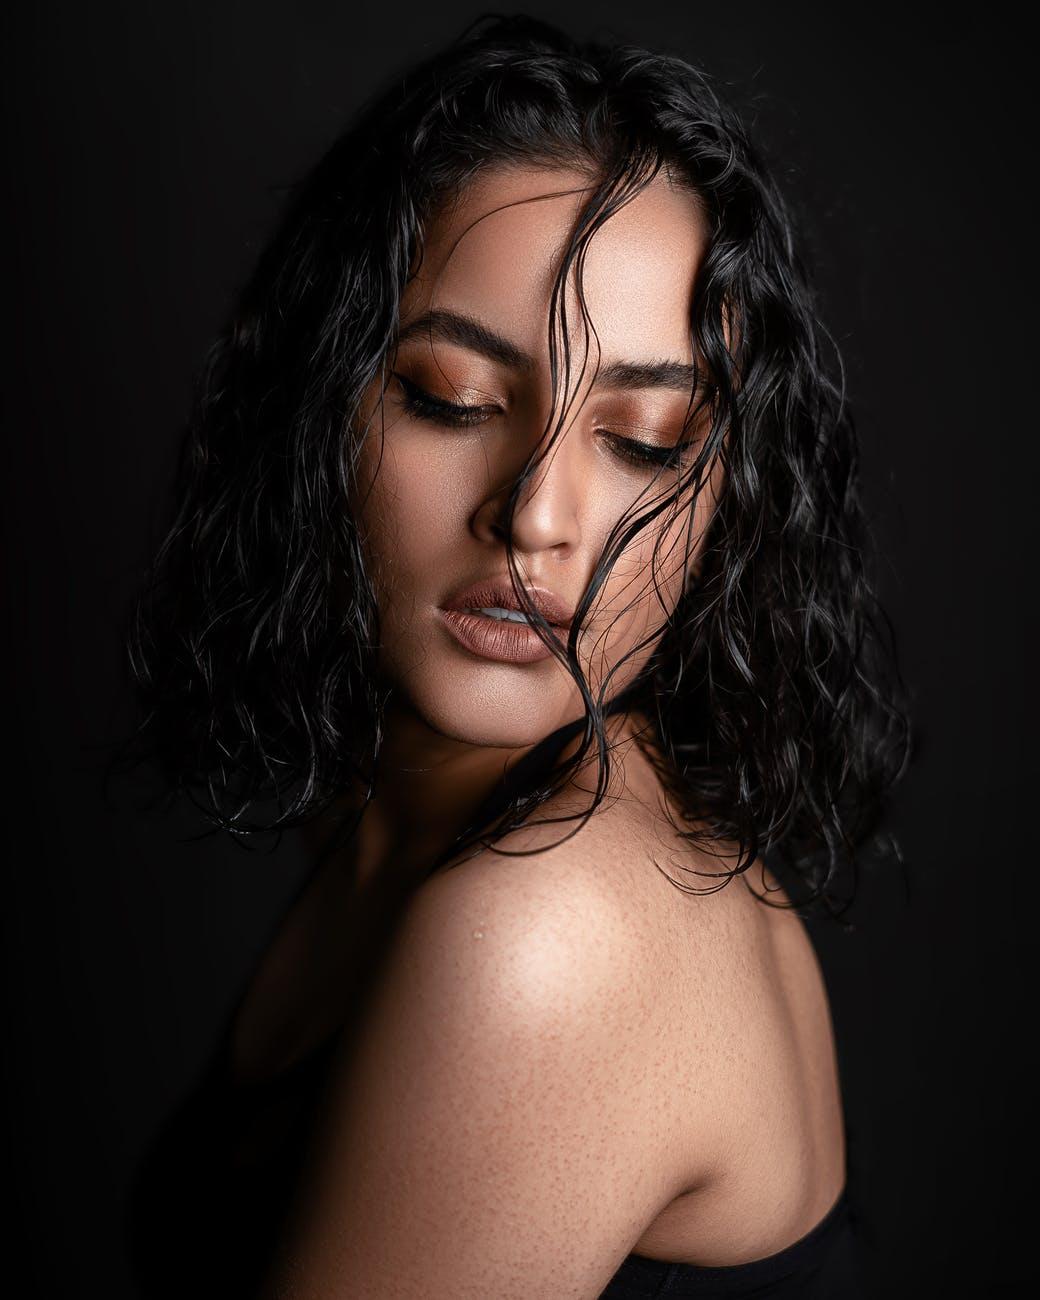 Comment contacter l'agence Elite Model Management? Elite Model Management : une des plus grandes agences de mannequins à Paris